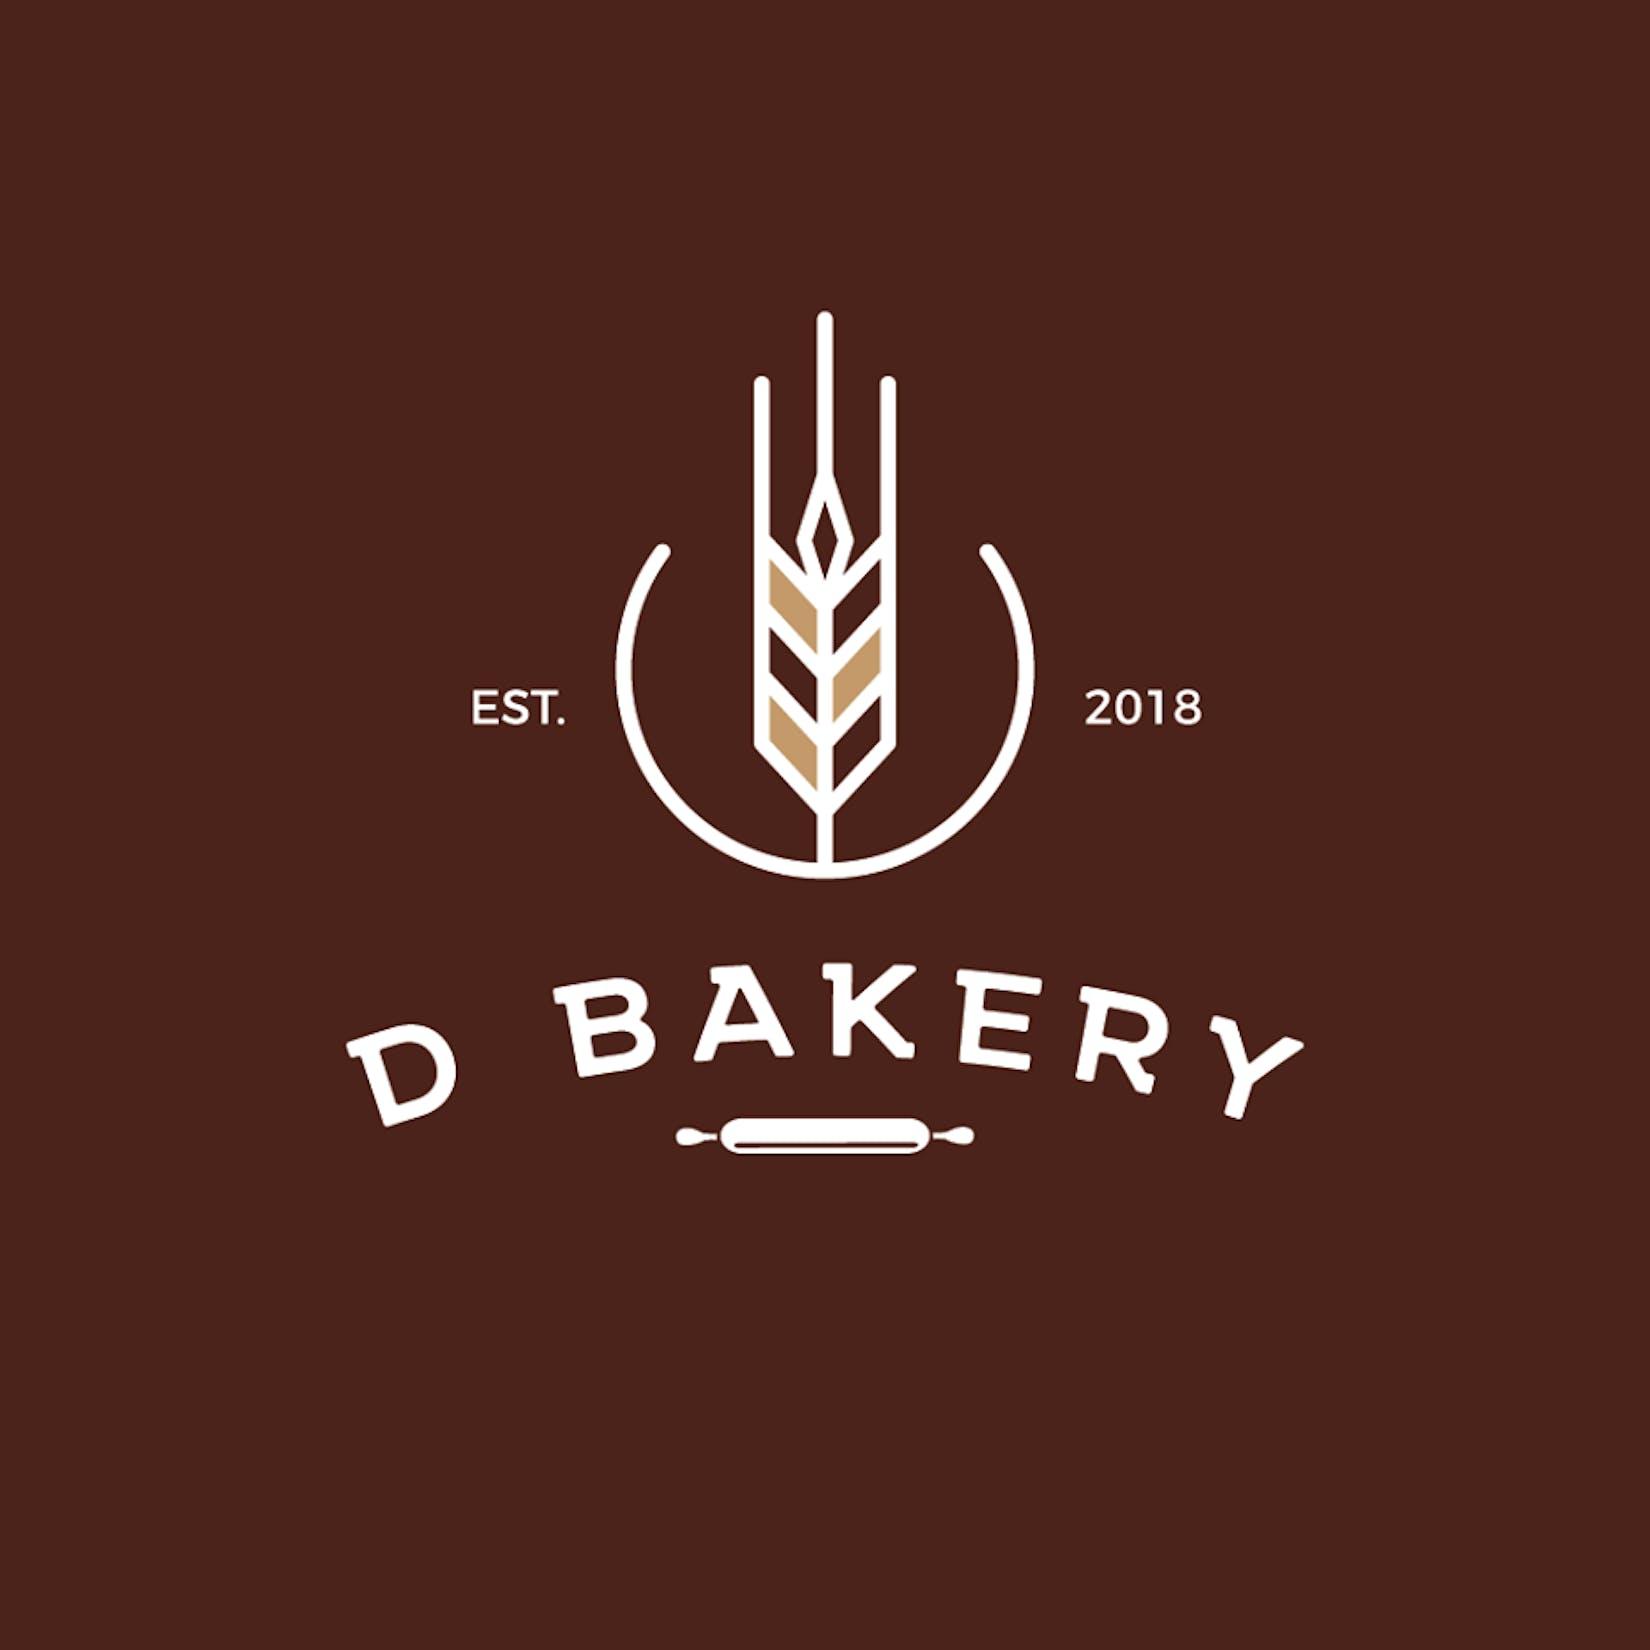 D Bakery | yathar